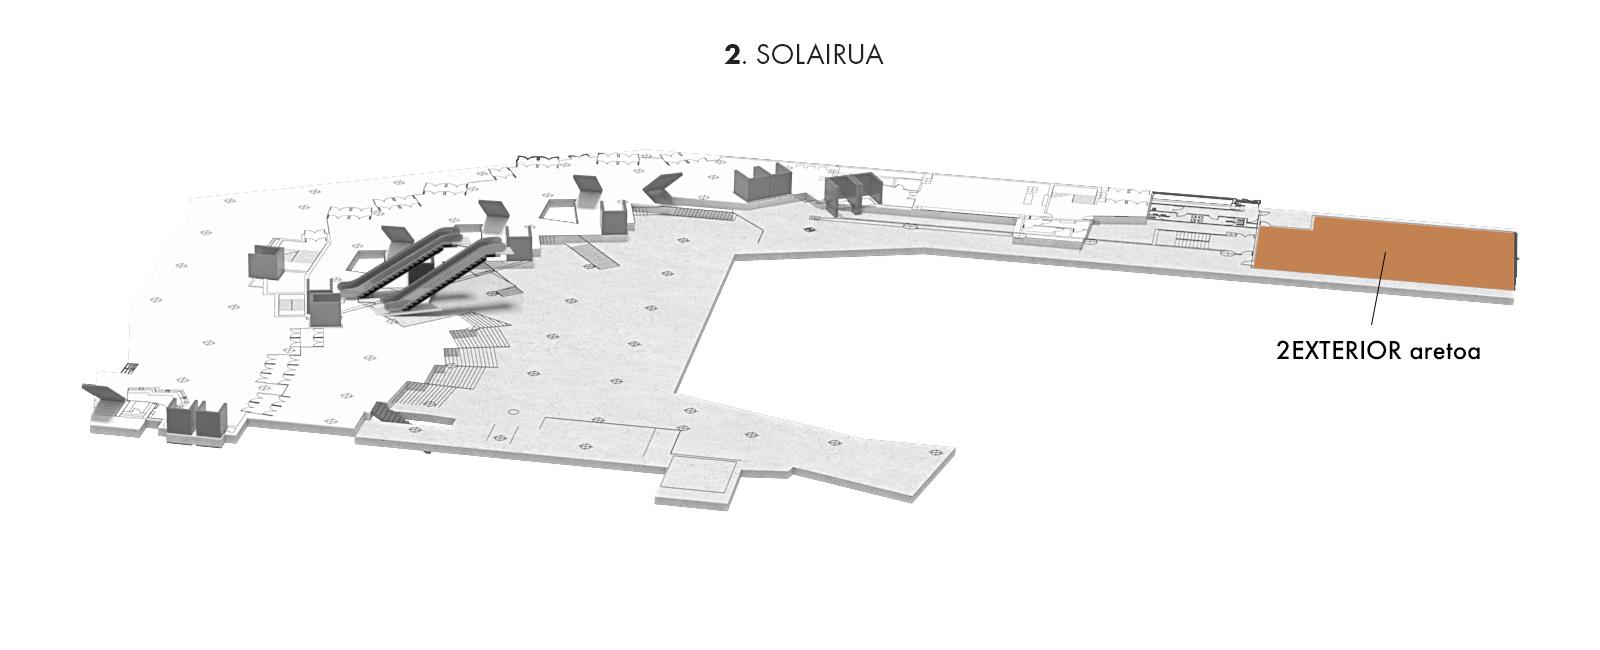 2EXTERIOR aretoa, 2. solairua | Palacio Euskalduna Jauregia